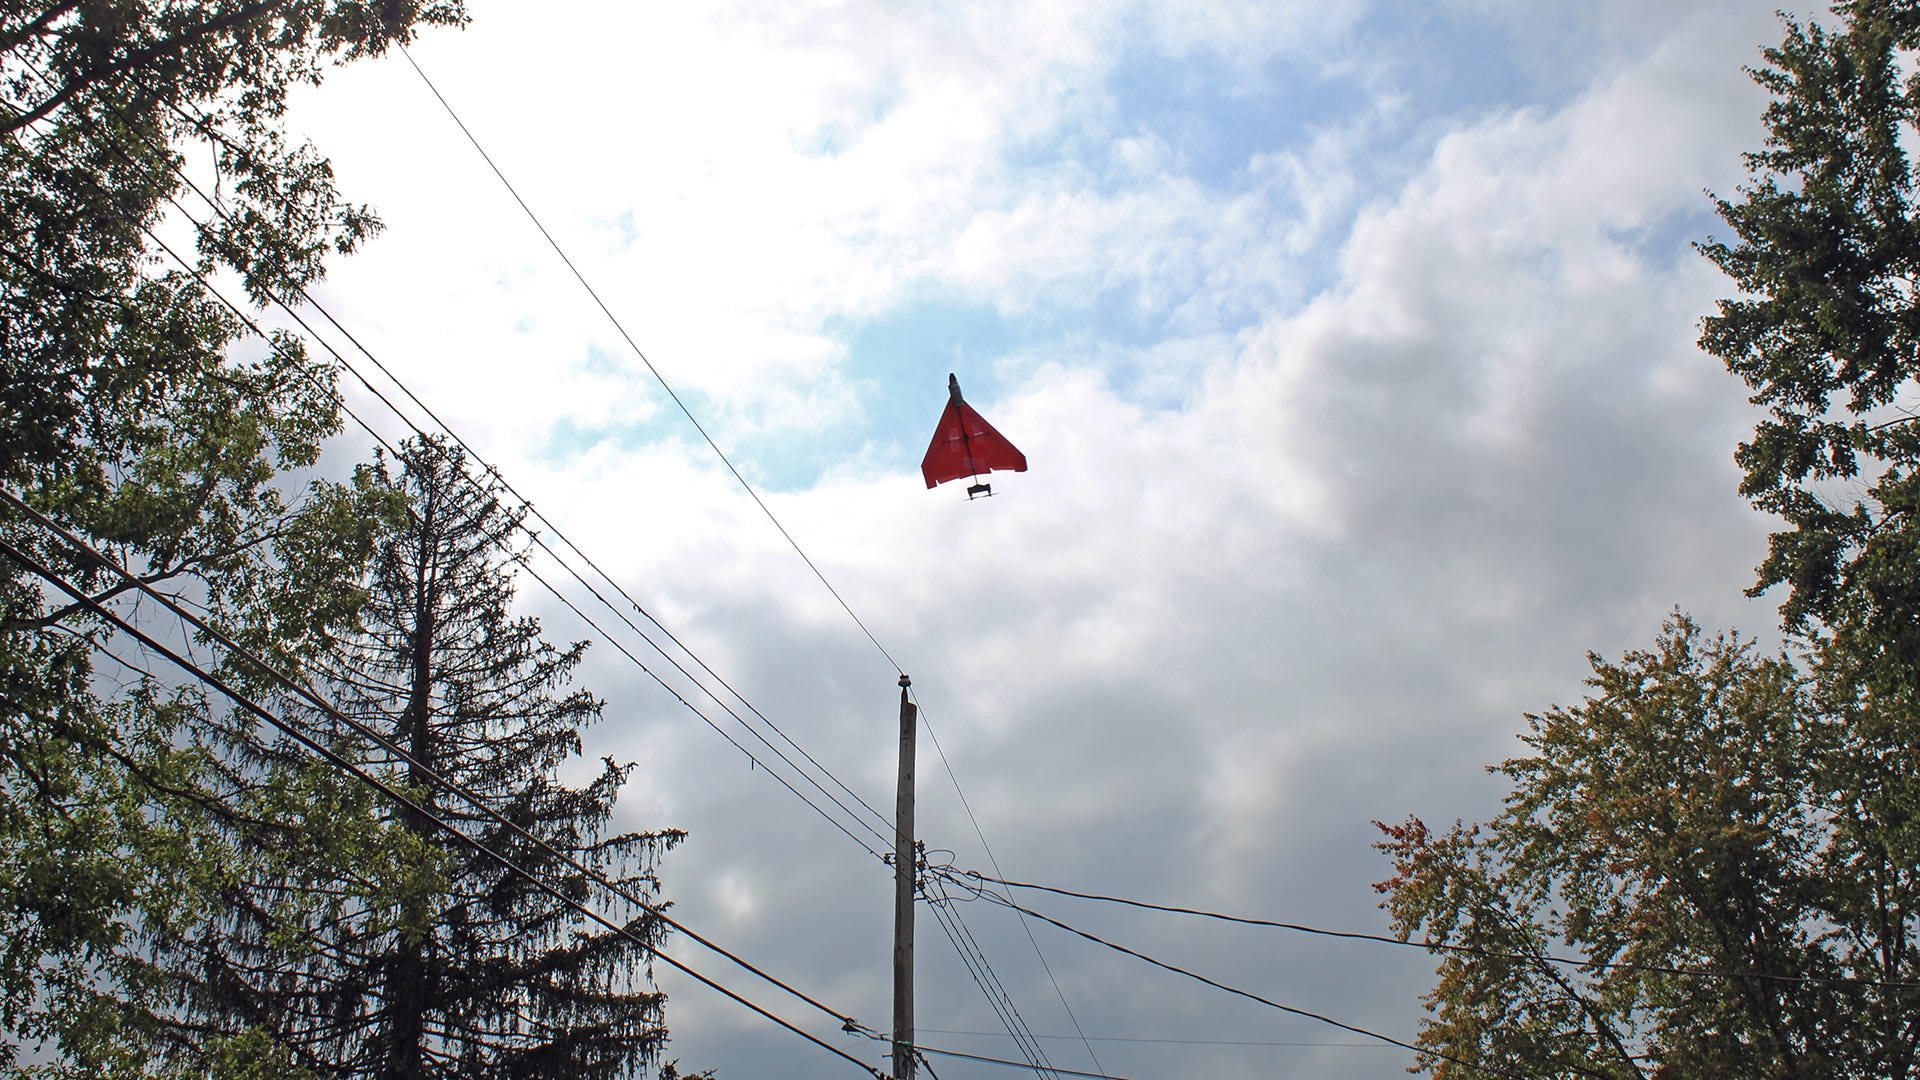 طائرة ورقية يتم التحكم فيها عن بعد تطير عالياً نحو السلك.